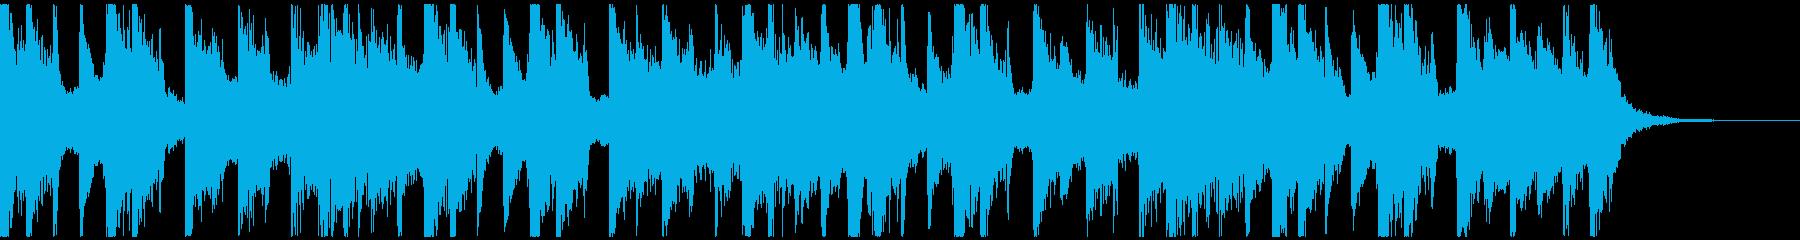 明るくコミカルでポップな雰囲気のBGMの再生済みの波形